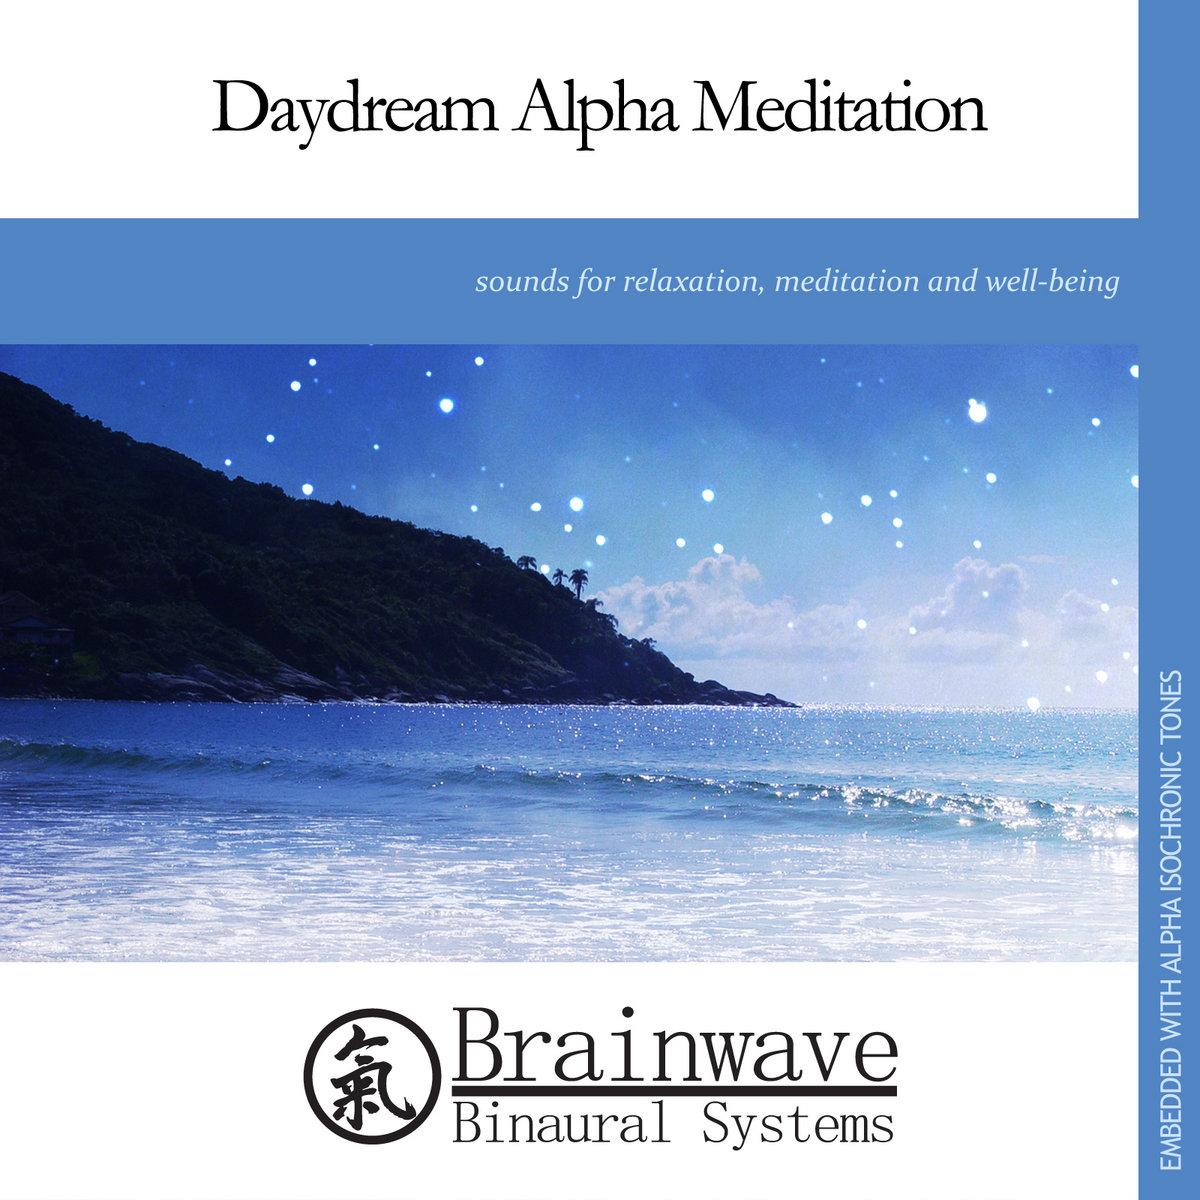 Daydream Alpha Meditation Brainwave Binaural Systems